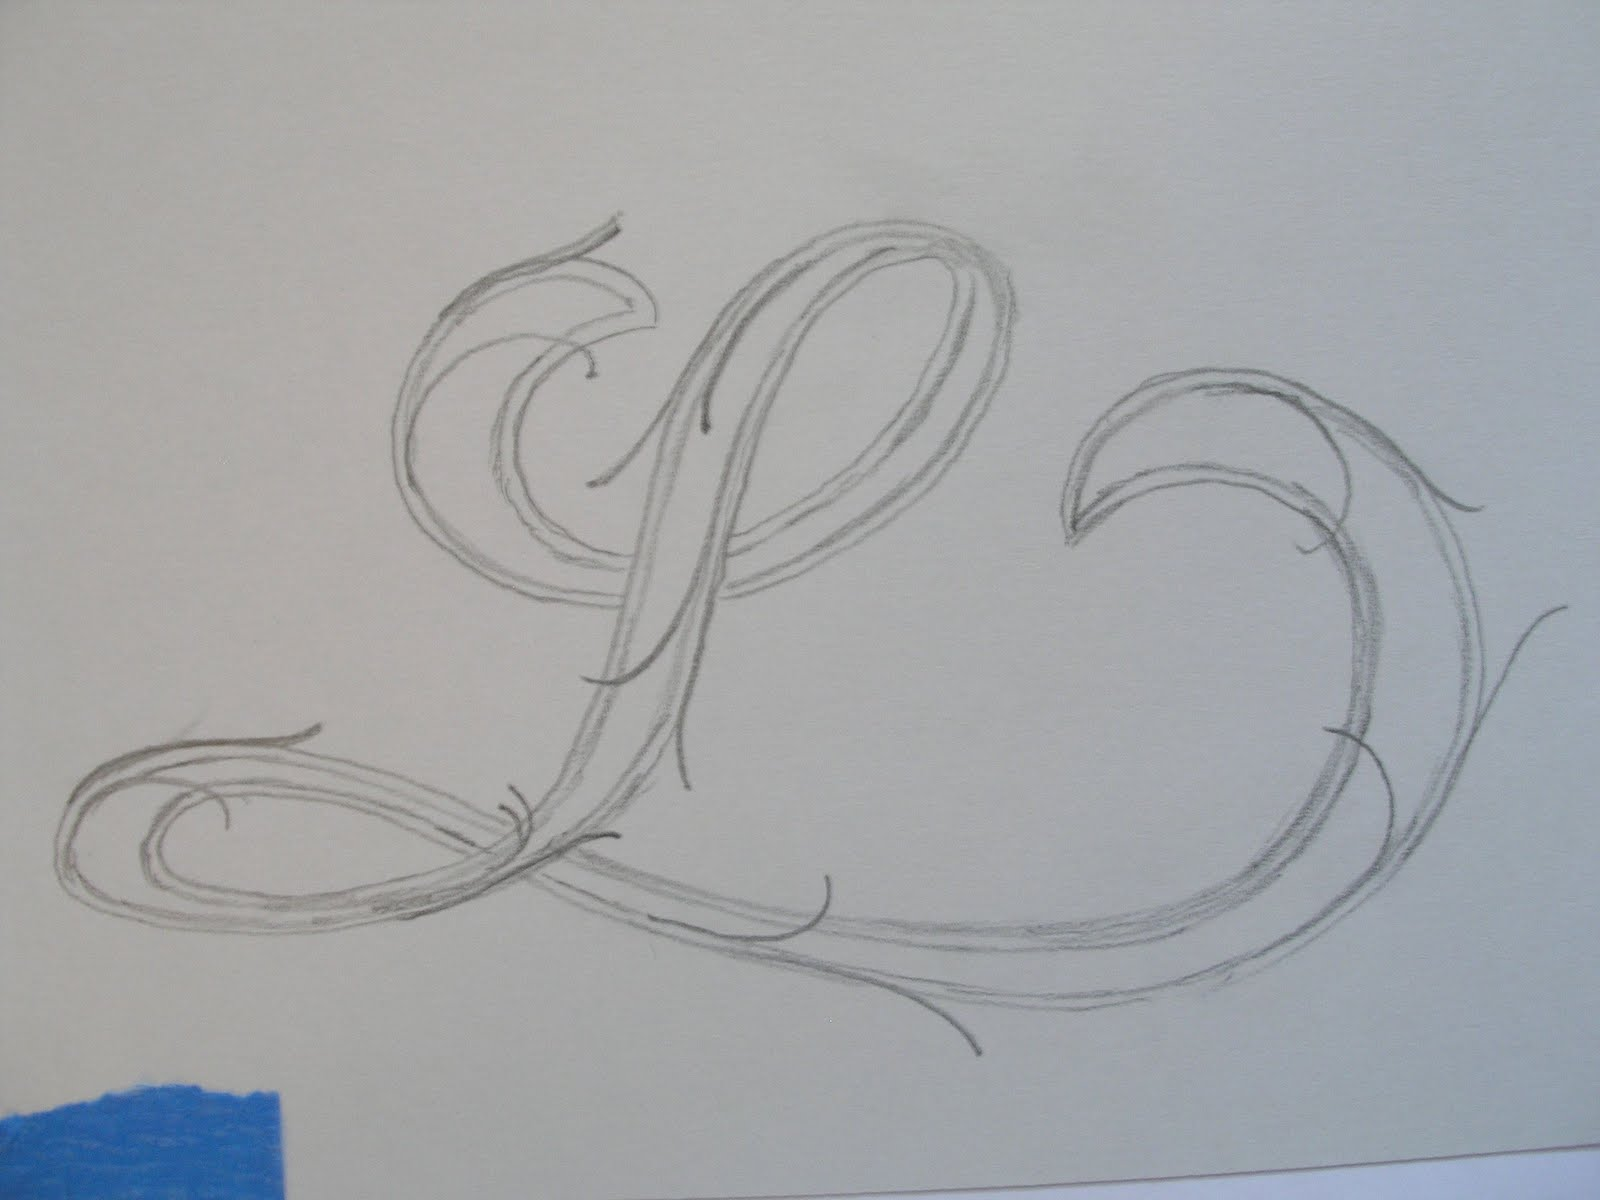 http://2.bp.blogspot.com/-xZ1SoQM9Afc/TjsHj-Oi0pI/AAAAAAAABS8/AoO9axG4wqU/s1600/JaneFarrCalligraphy1.jpg